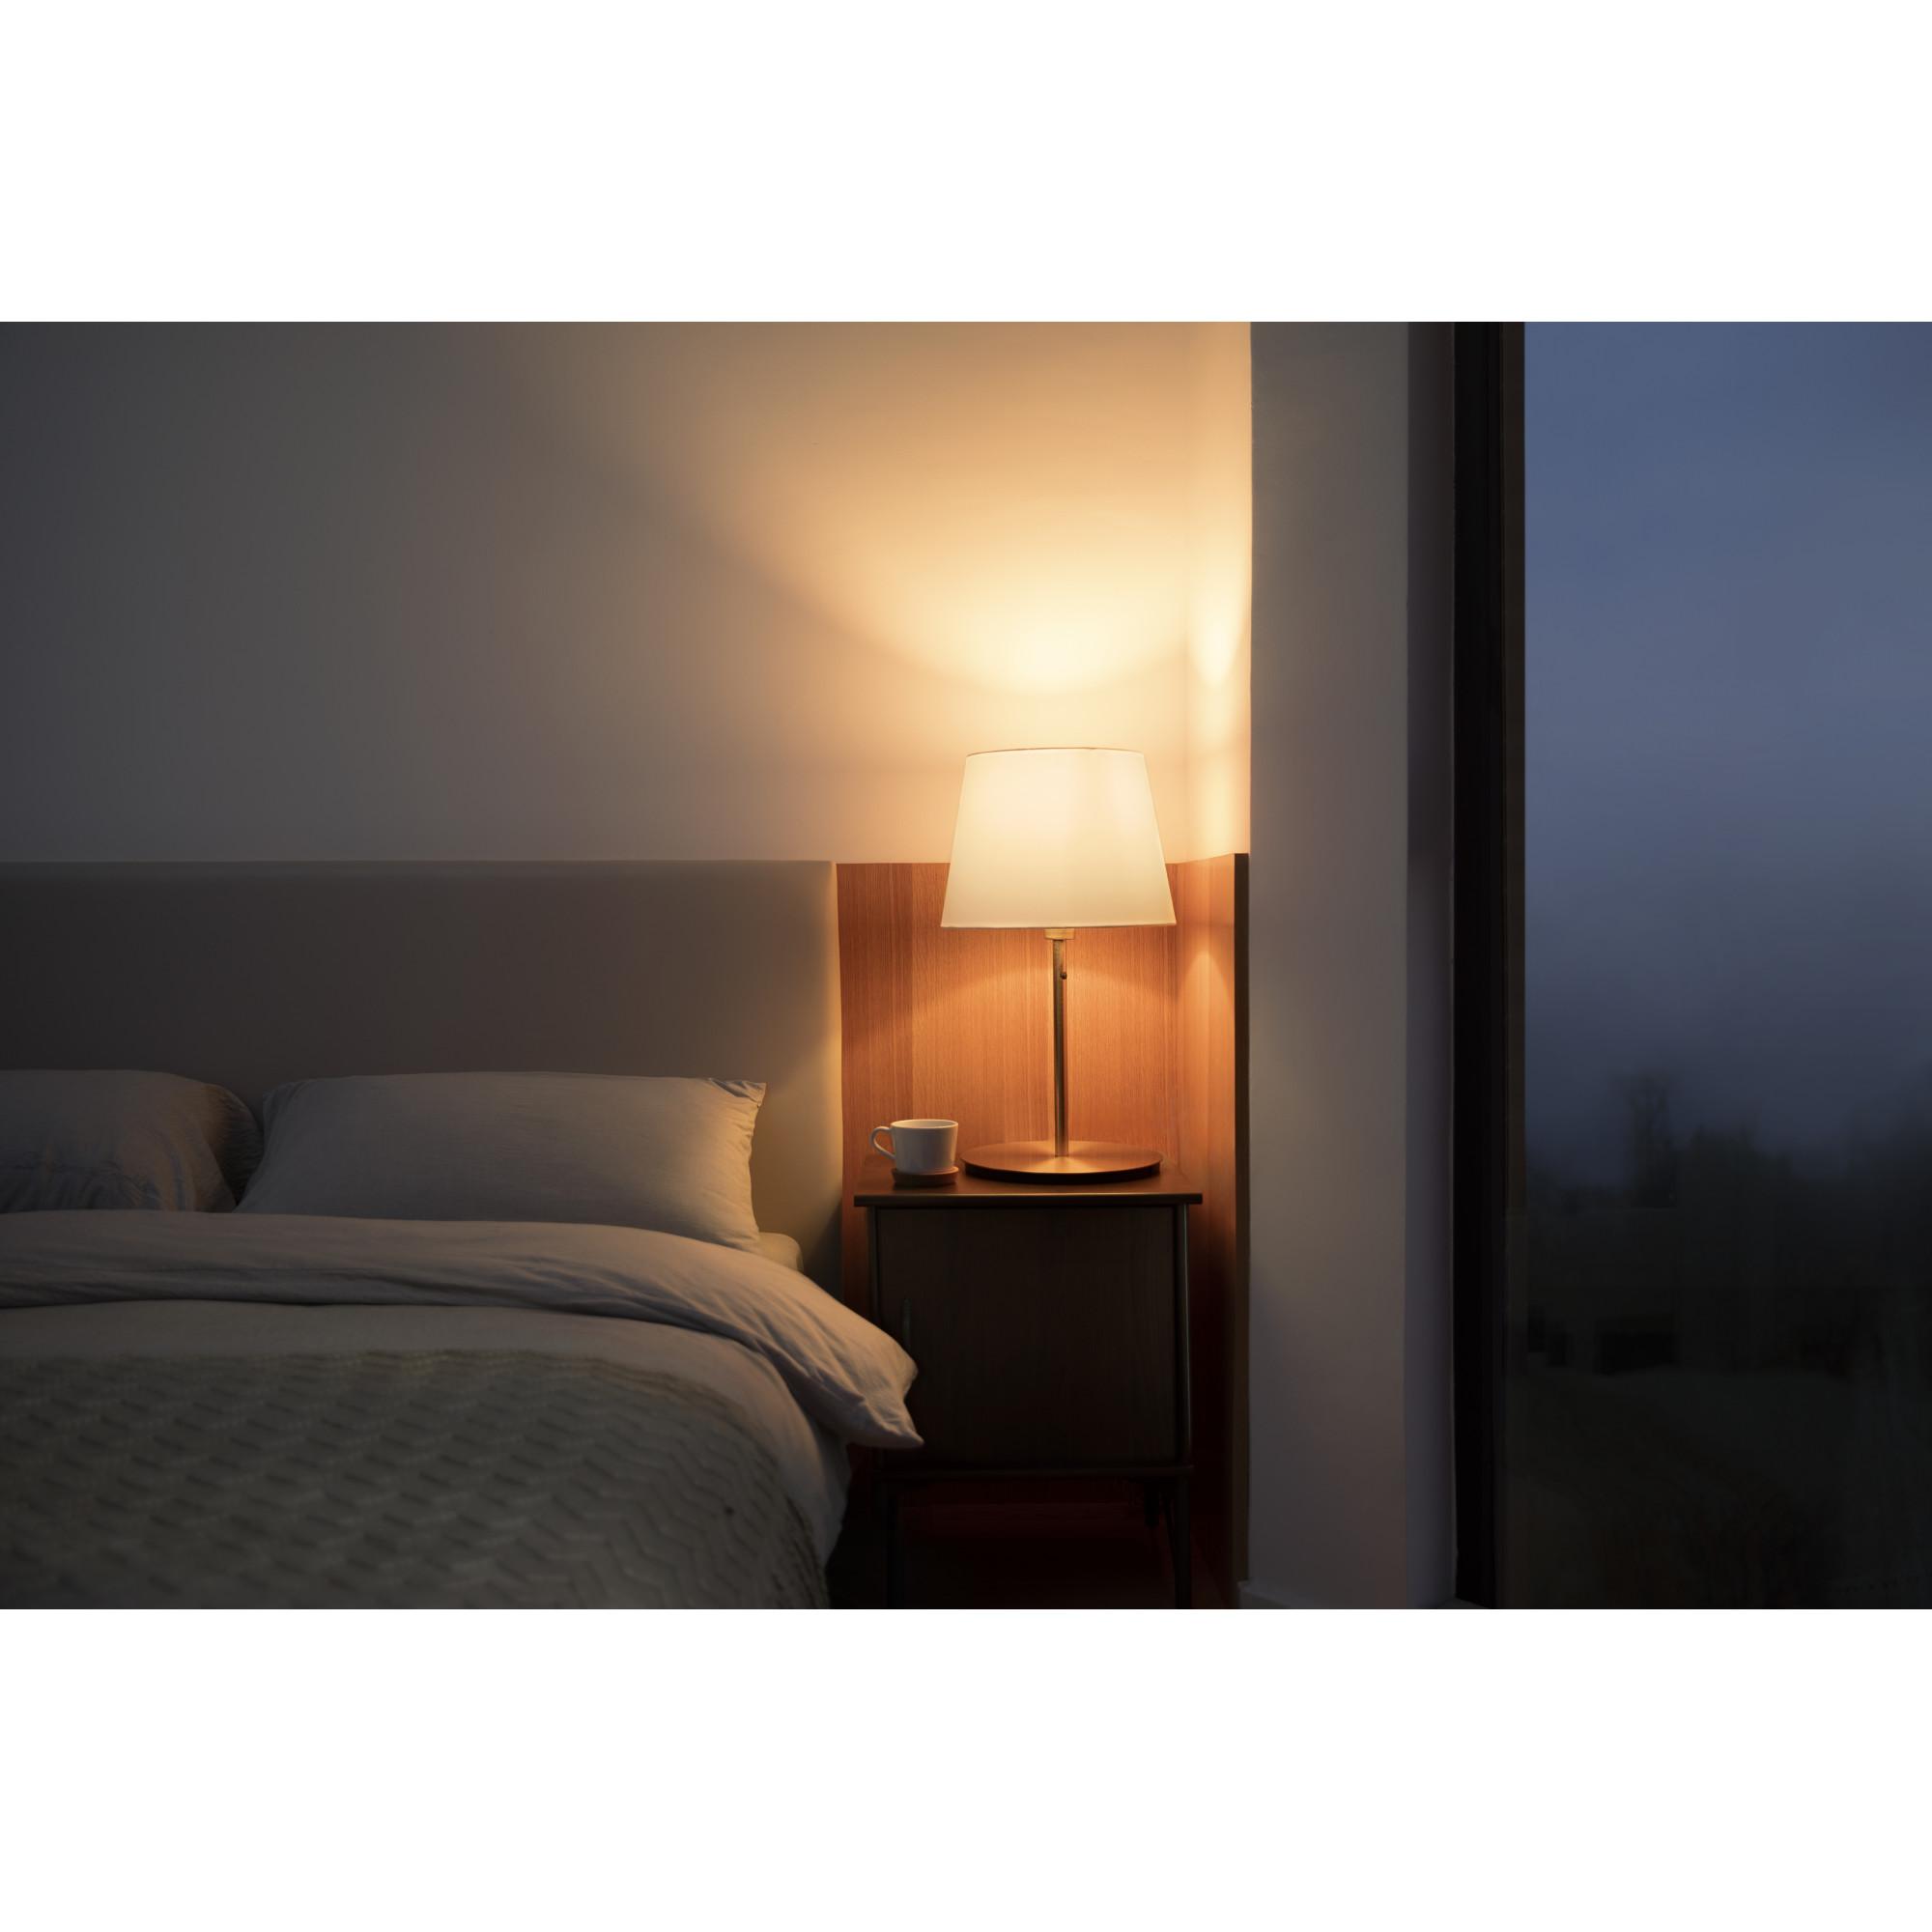 Лампа умная Xiaomi Mi Smart LED Bulb Essential E27 220 В 9 Вт груша матовая 950 лм регулируемый цвет света RGBW